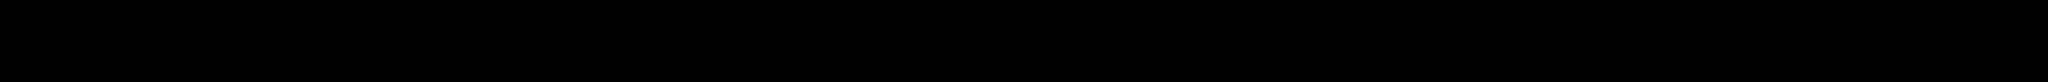 MASTER-SPORT 13780-62J00, 13780-62J00-000 Légszűrő